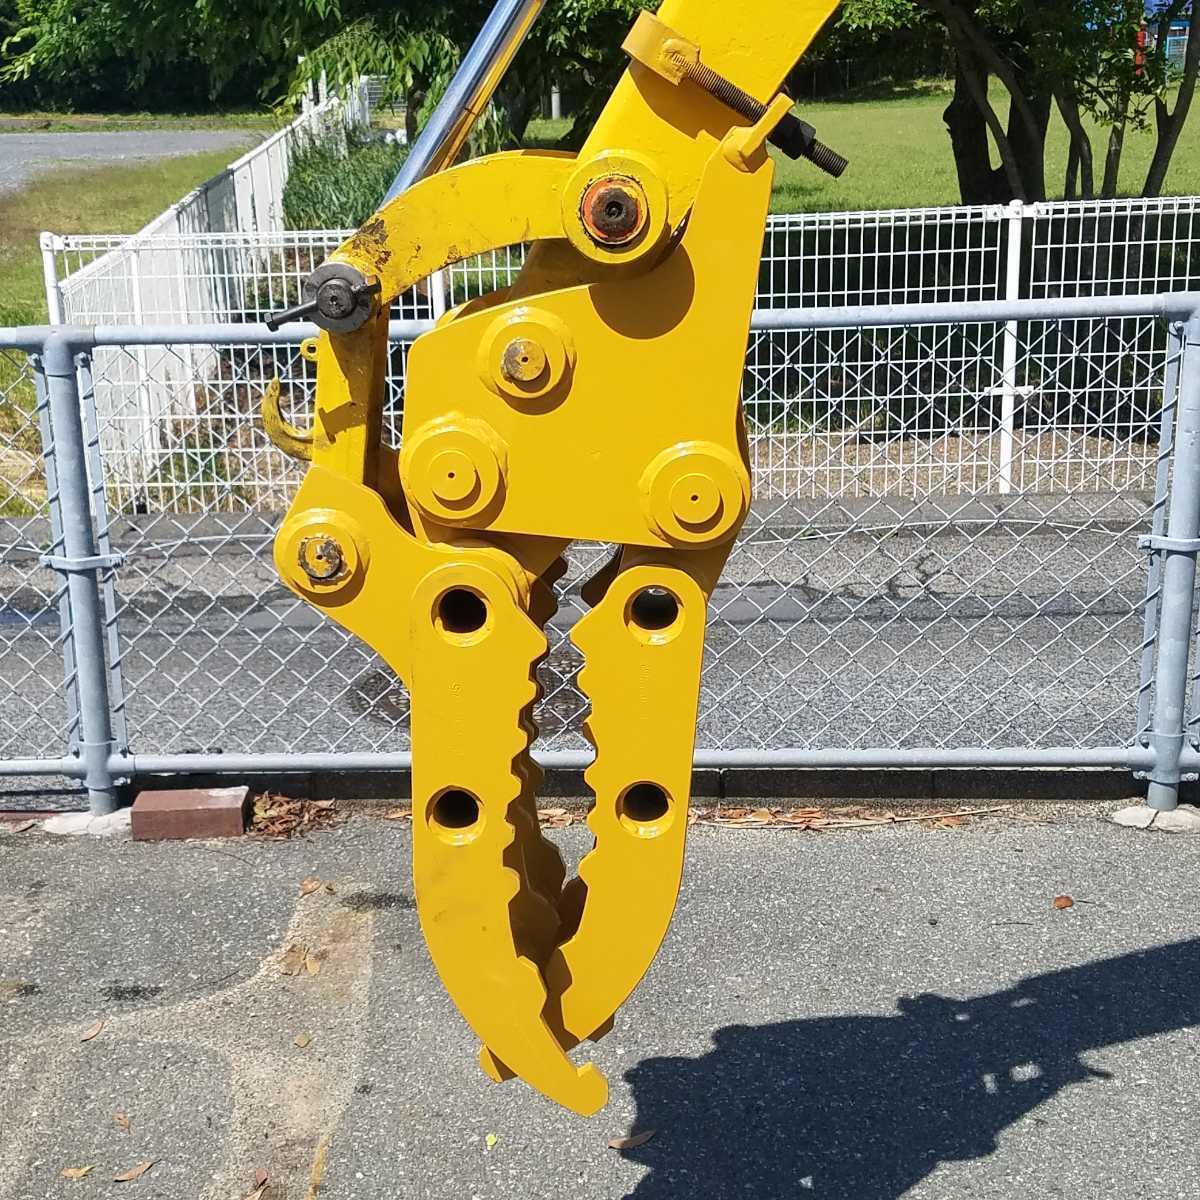 「★エース建機★3点式フォーク/掴み/グラッブピン径25mm/30mm.に適合します。1トンから2トン専用、90kg」の画像2